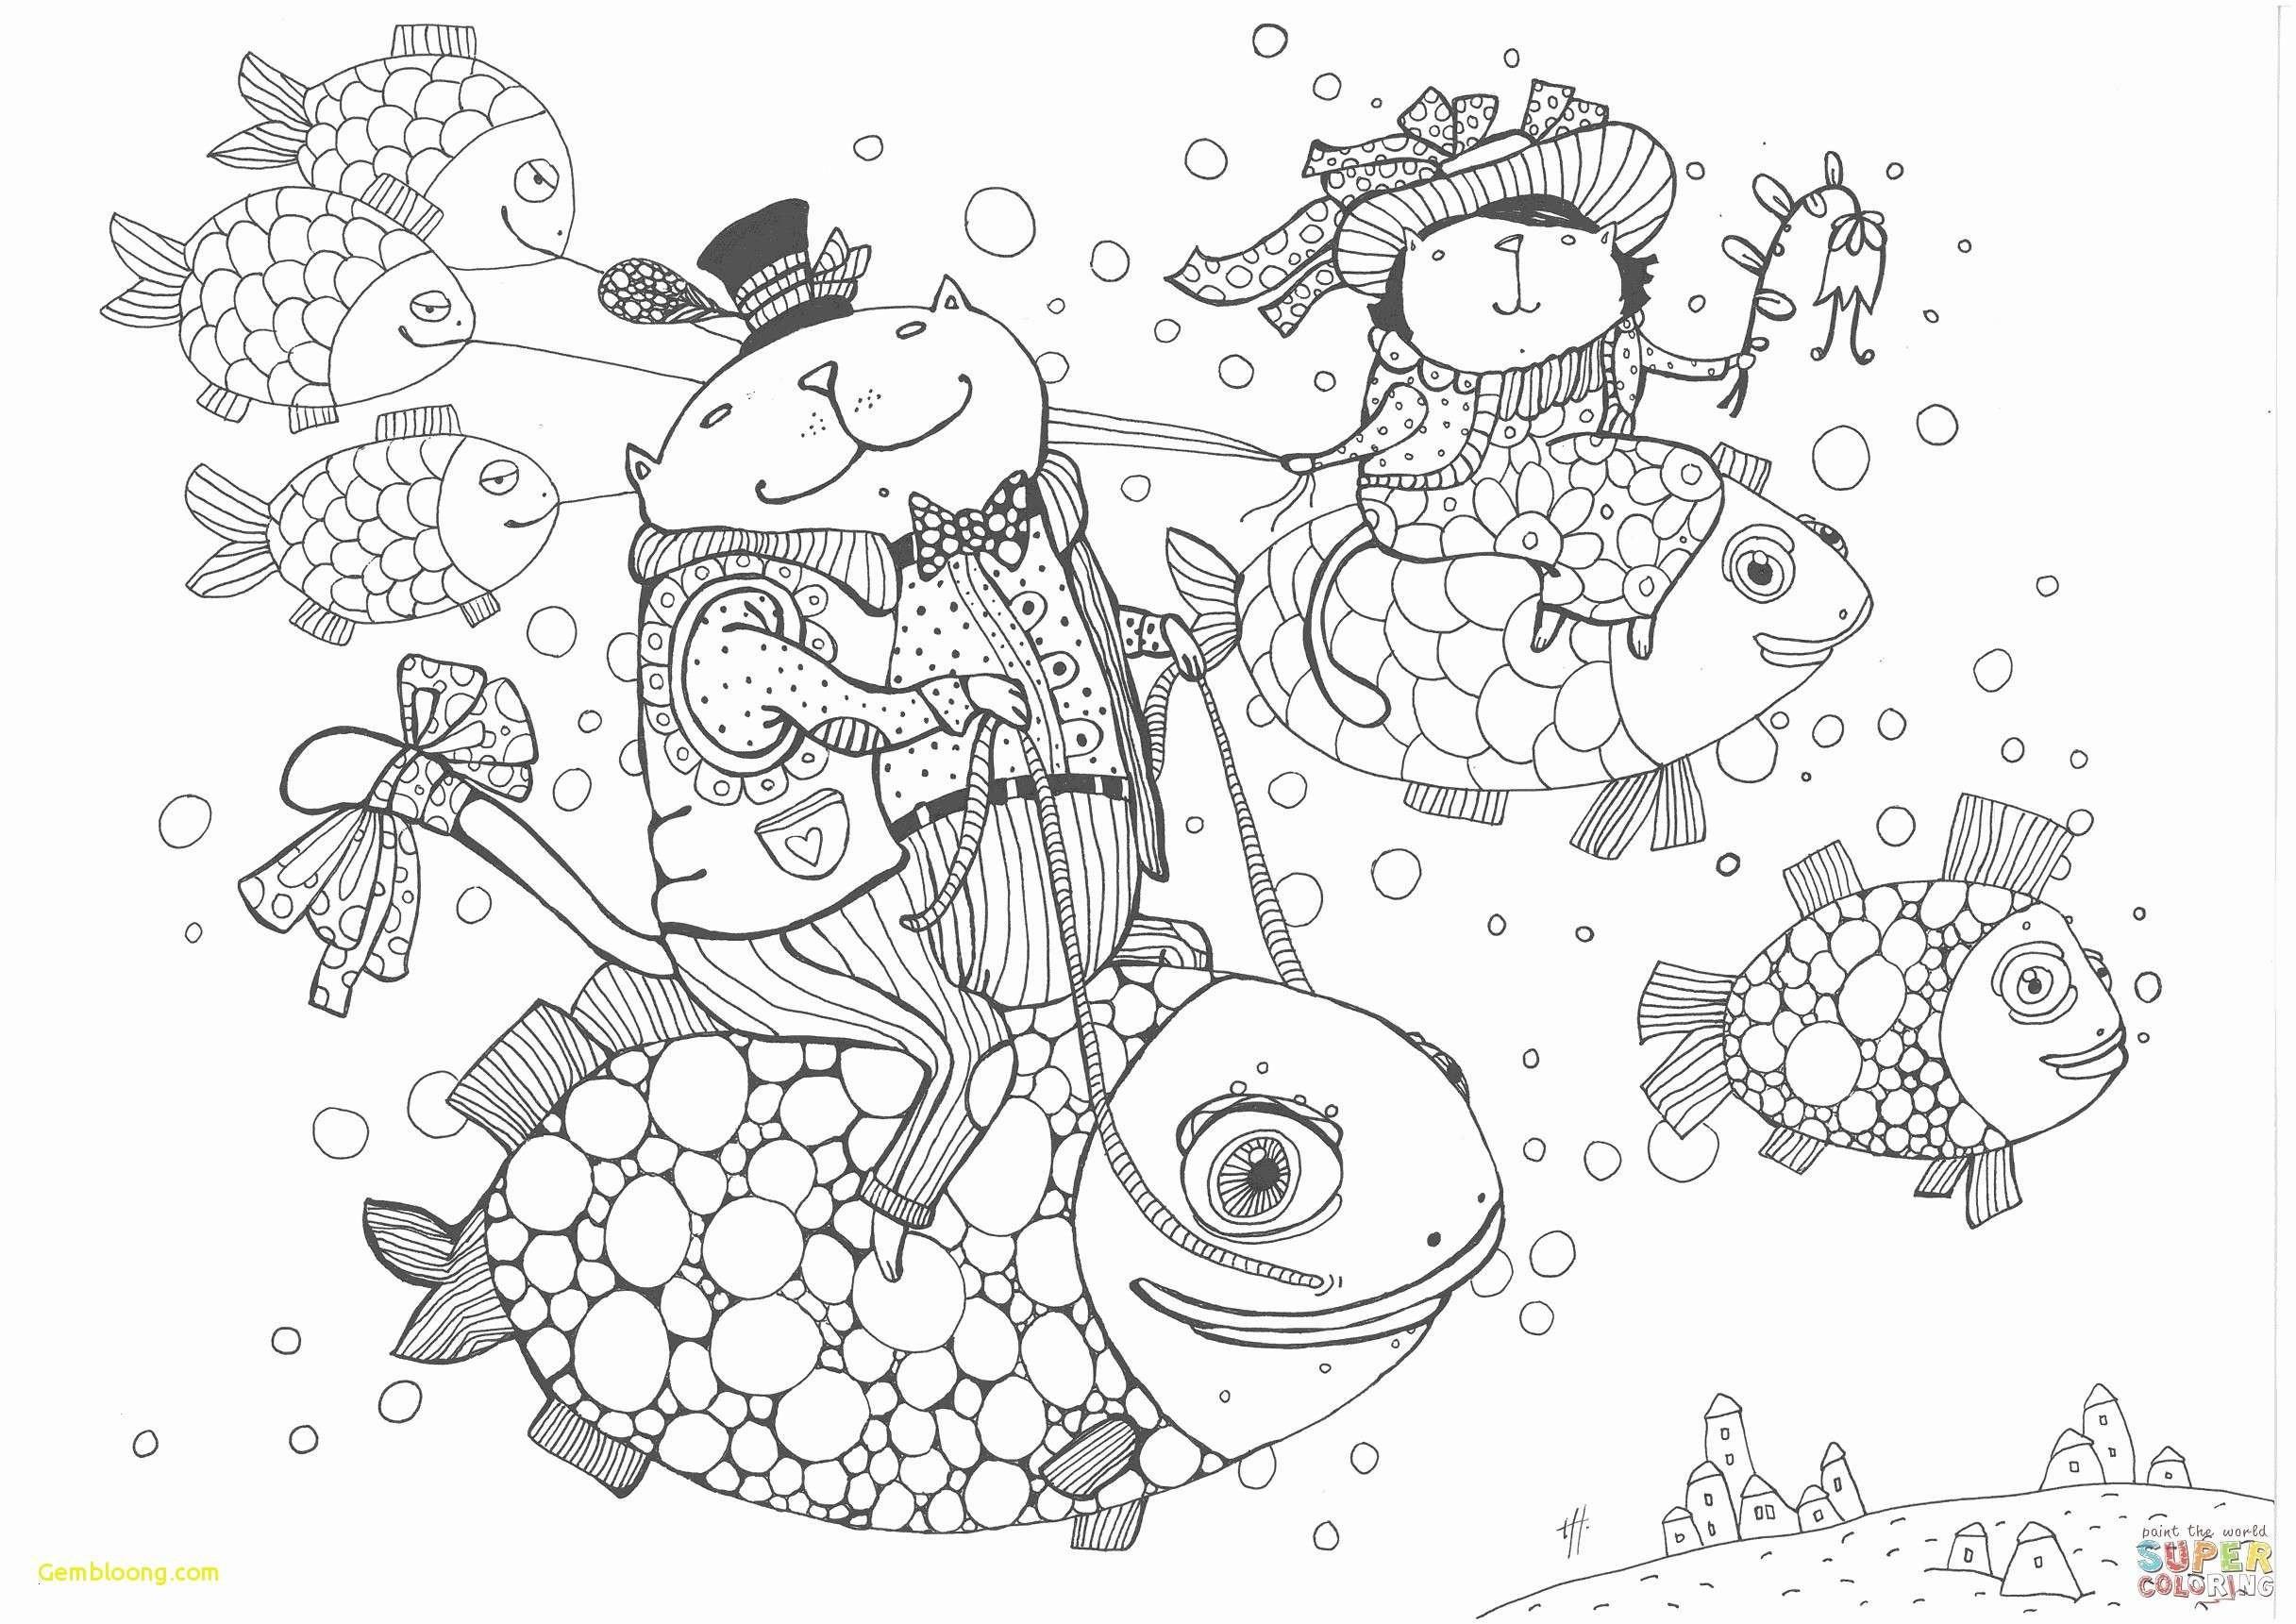 Ausmalbilder Weihnachten Schneeflocke Frisch 35 Pilze Malvorlagen Scoredatscore Neu Weihnachten Malvorlagen Sammlung